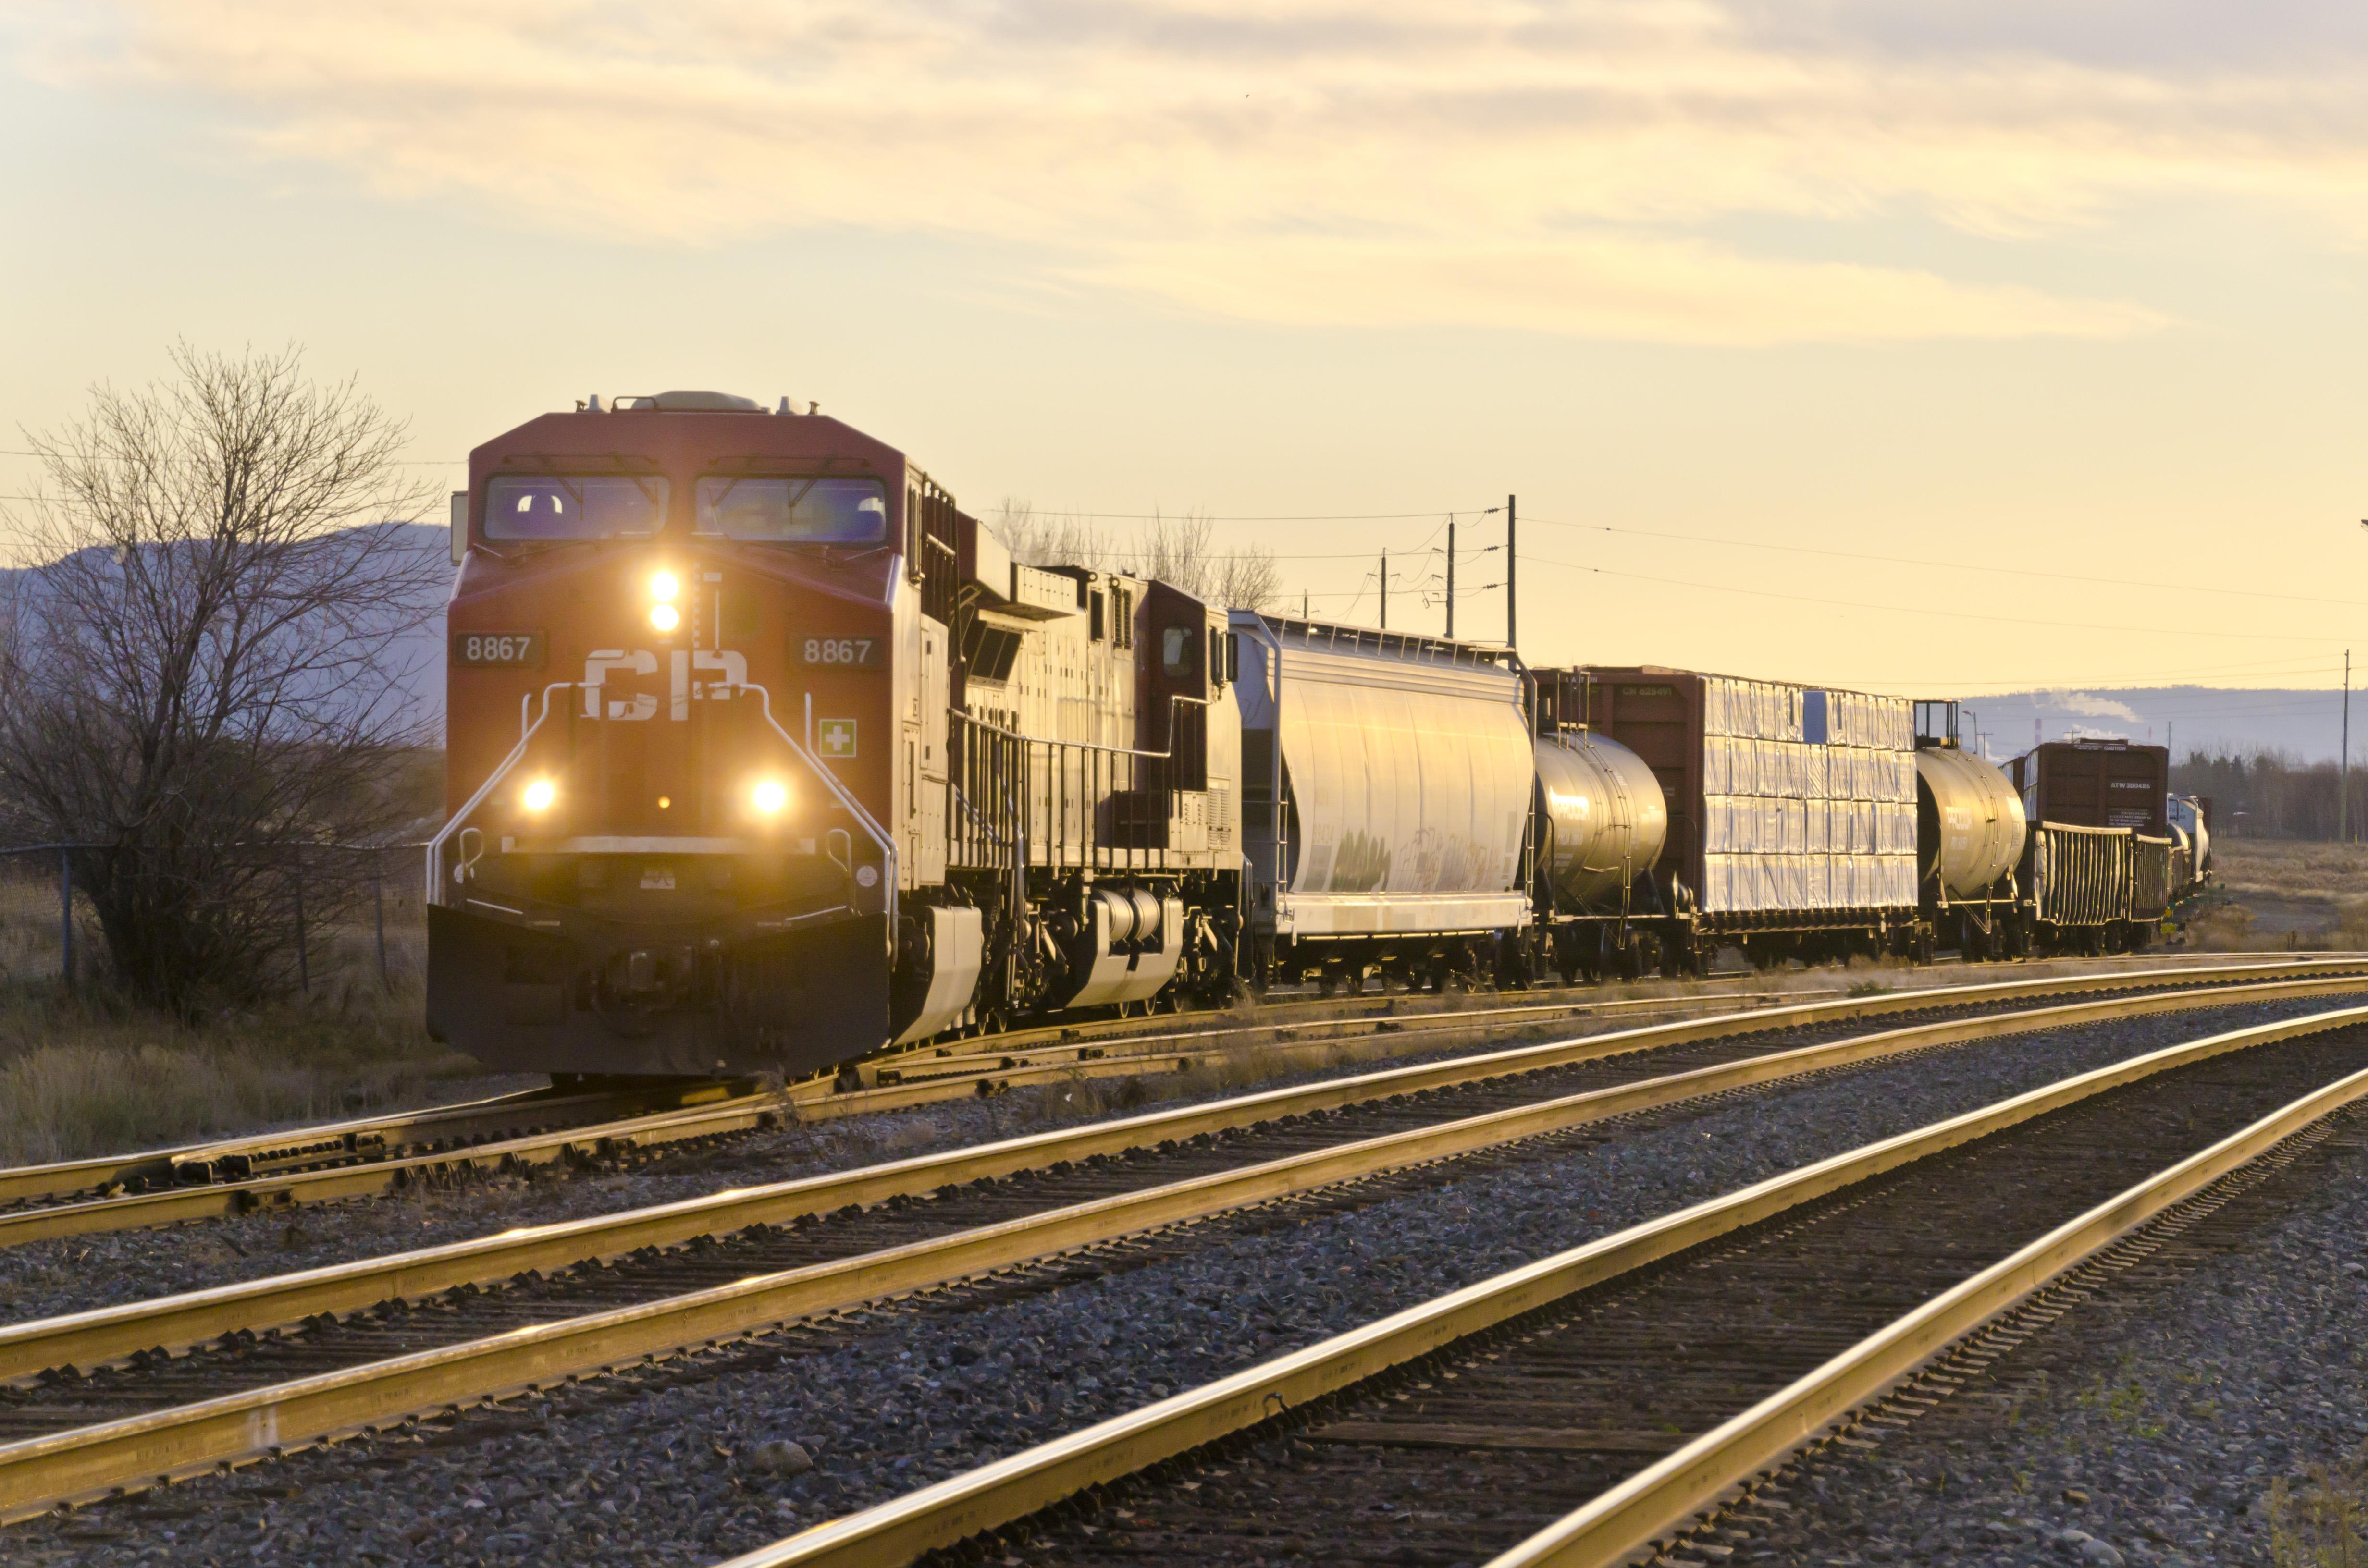 Canadian Pacific Railway CP #8867 GE ES44AC diesel